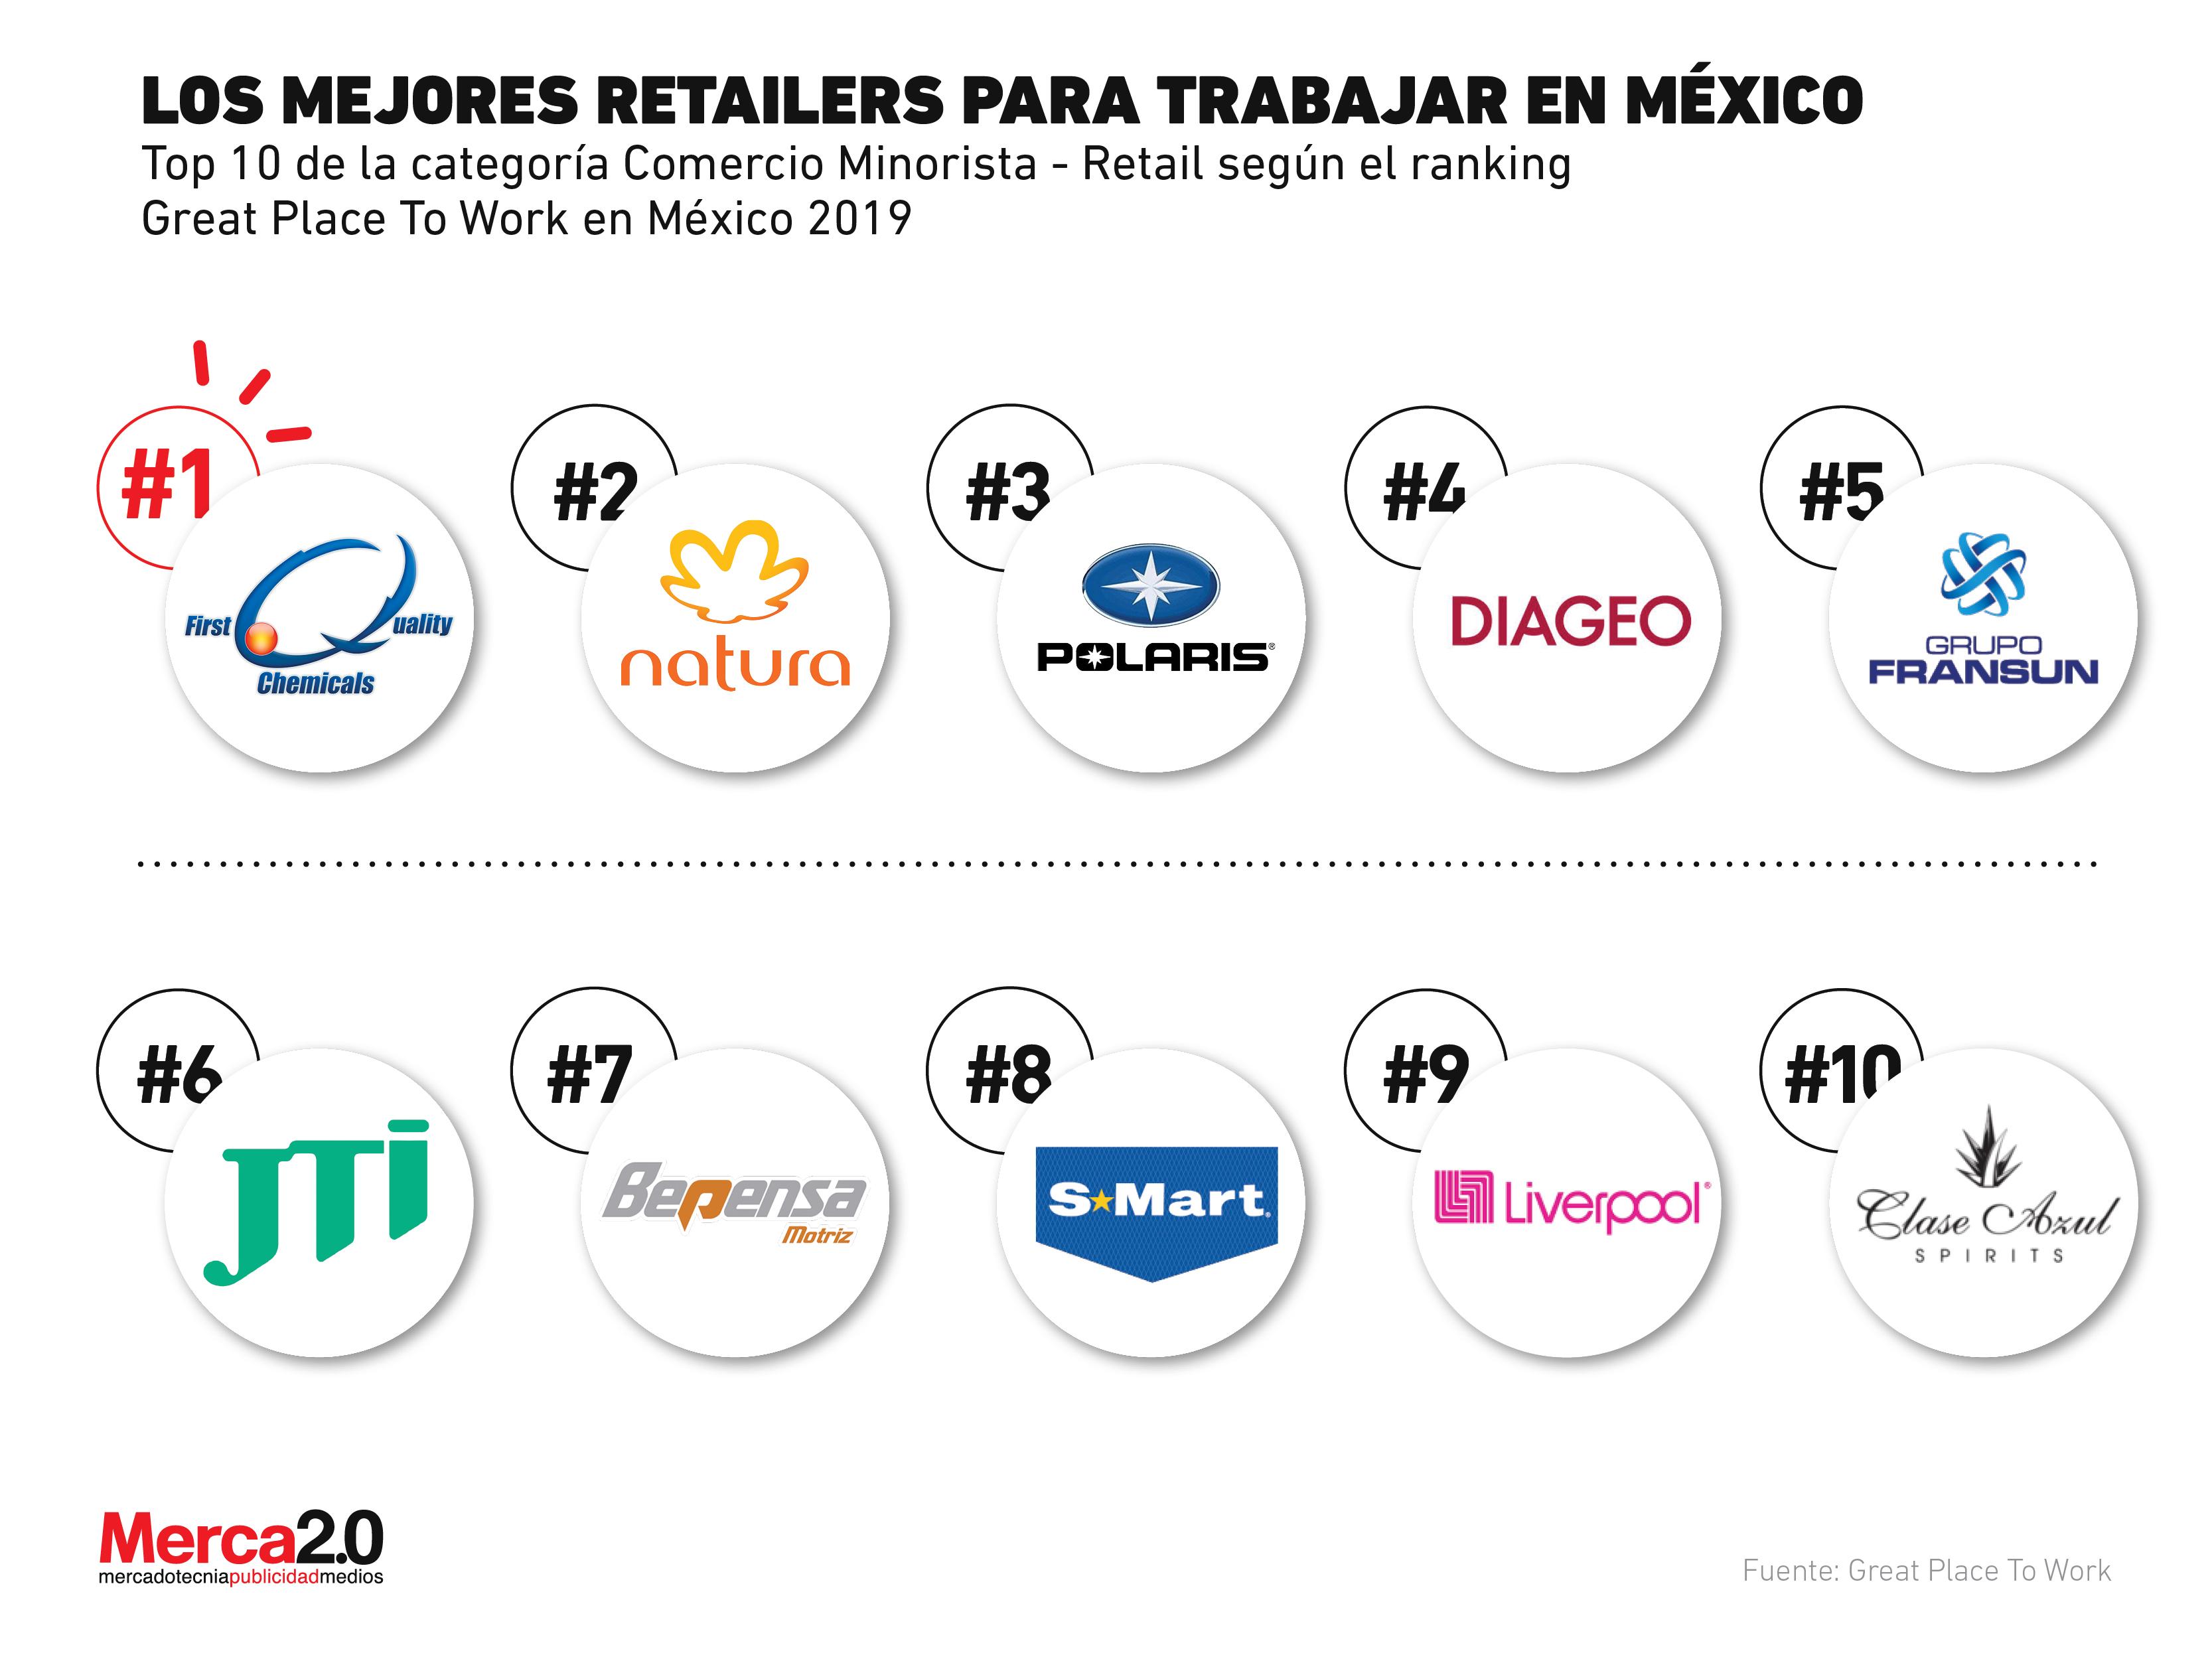 Las mejores empresas del retail para trabajar en México